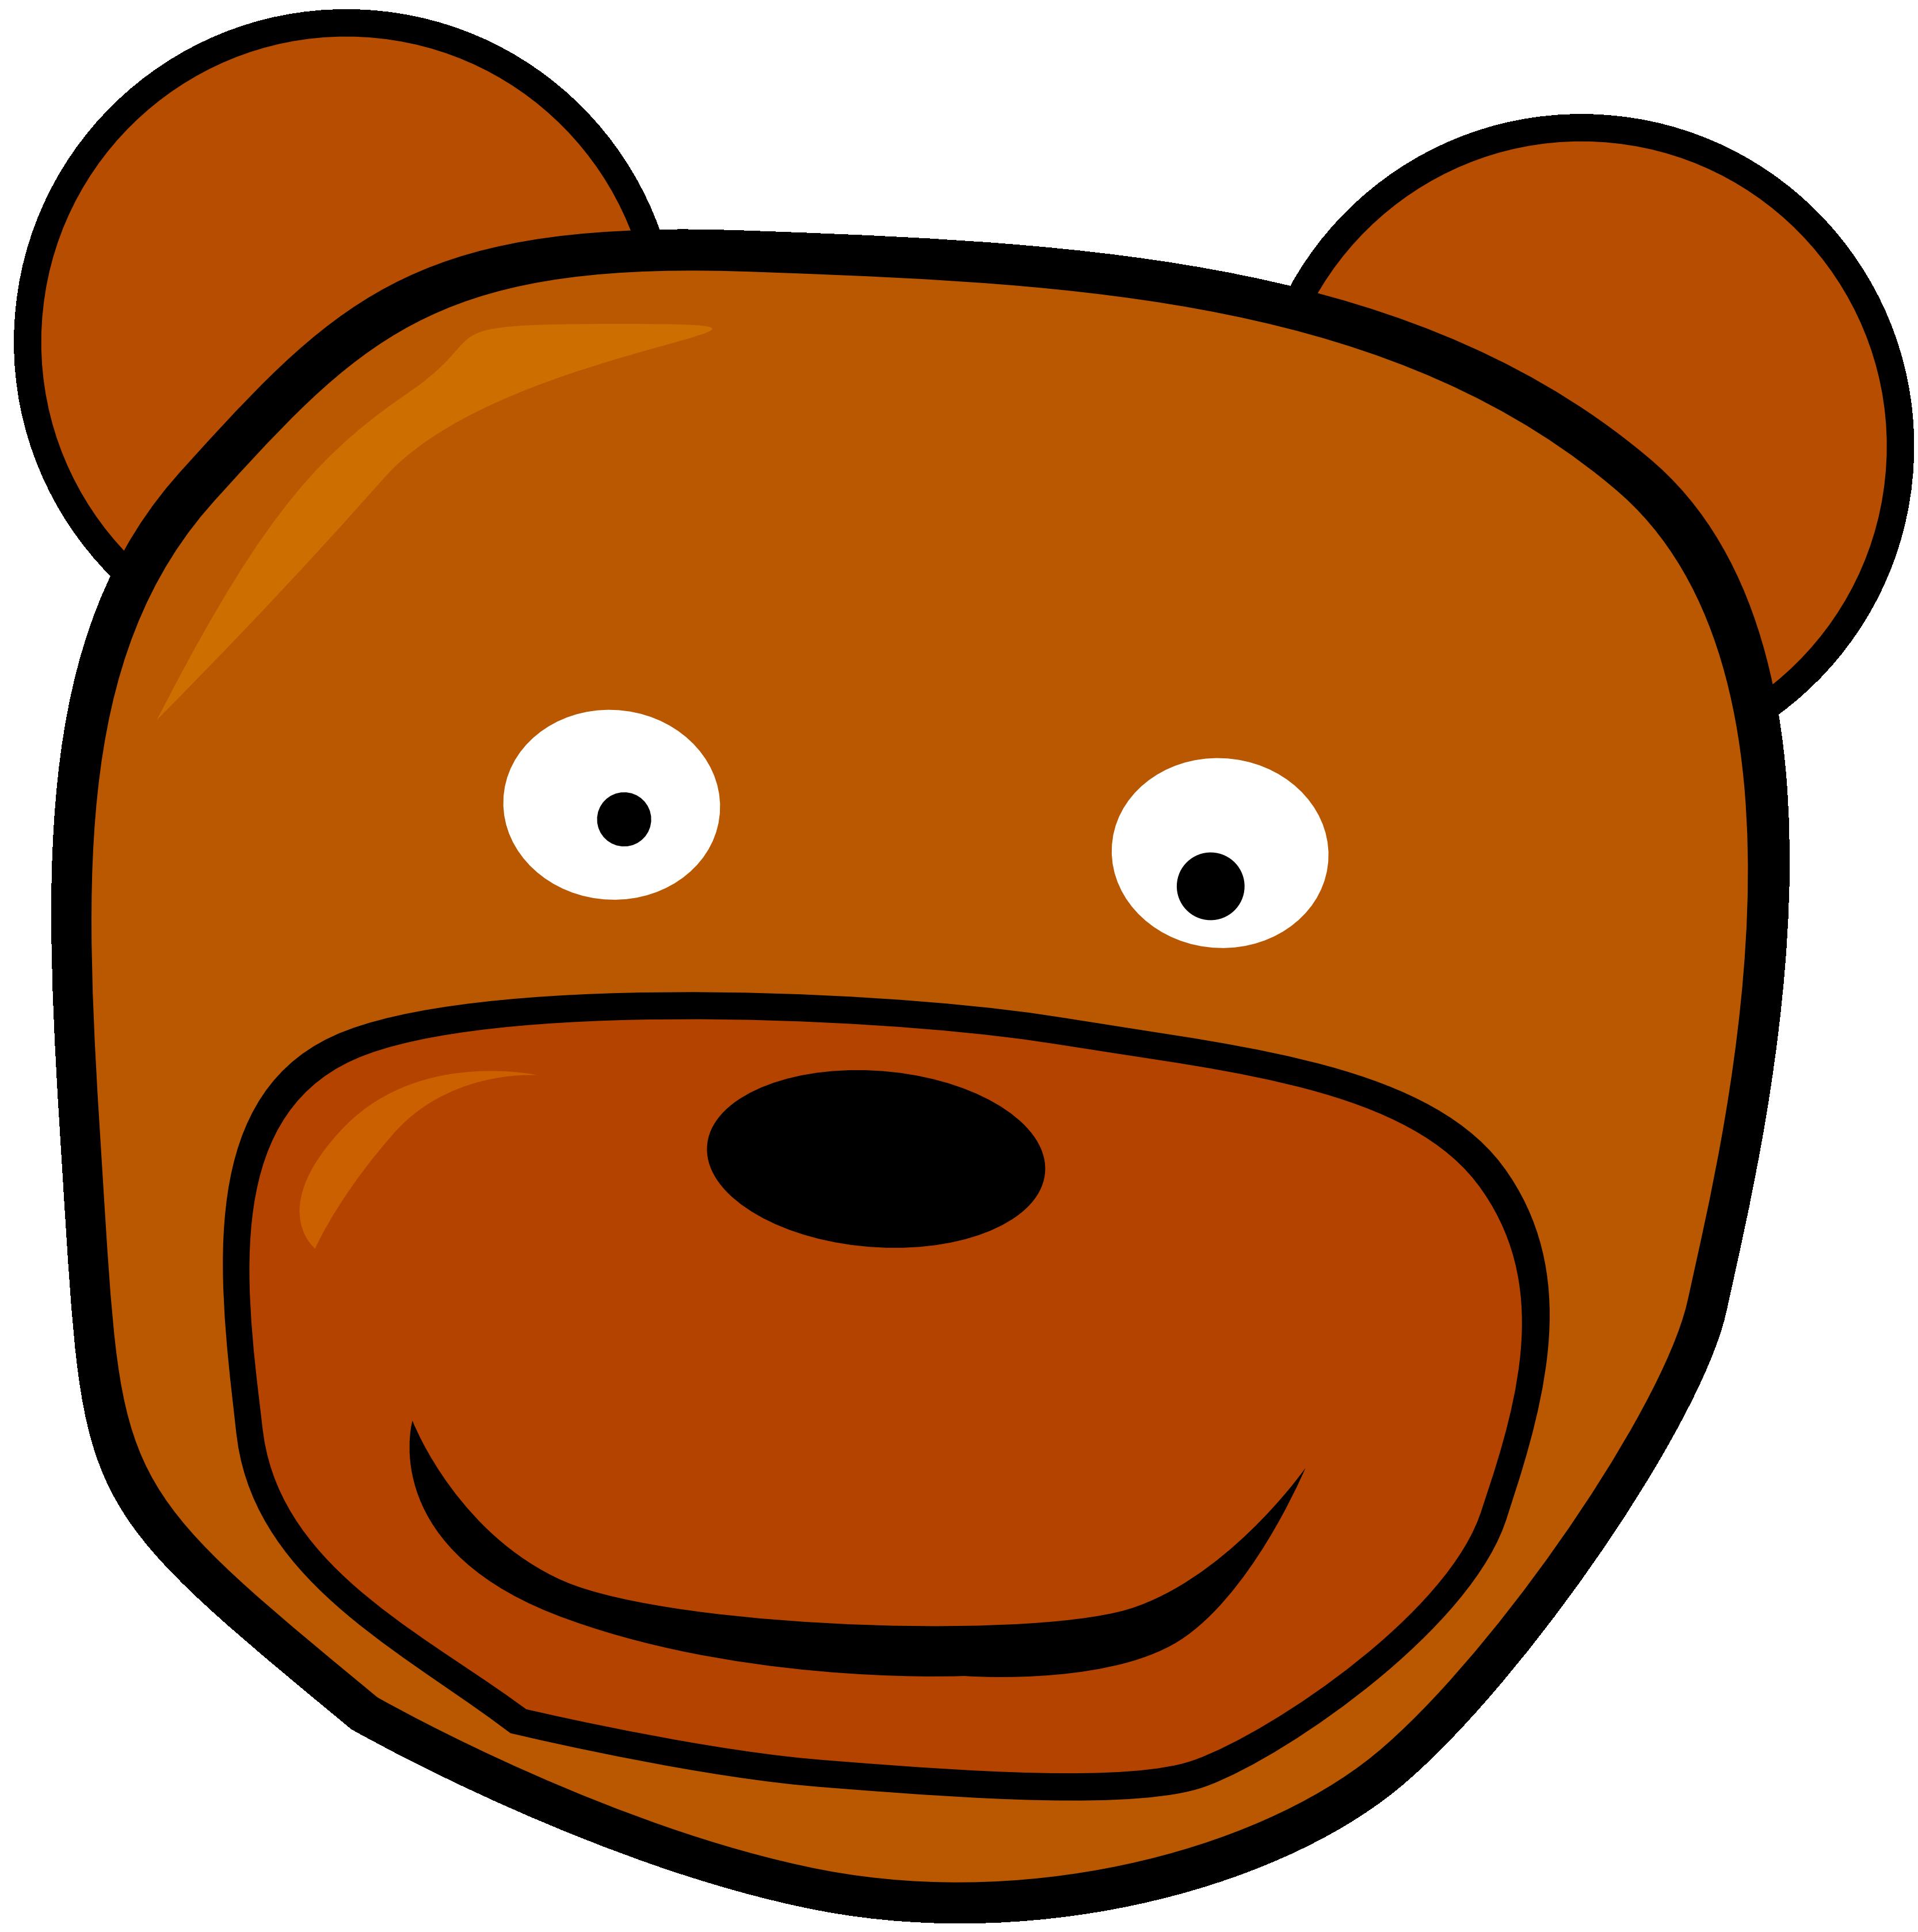 Teddy Bear Face Clipart - Clipart Kid